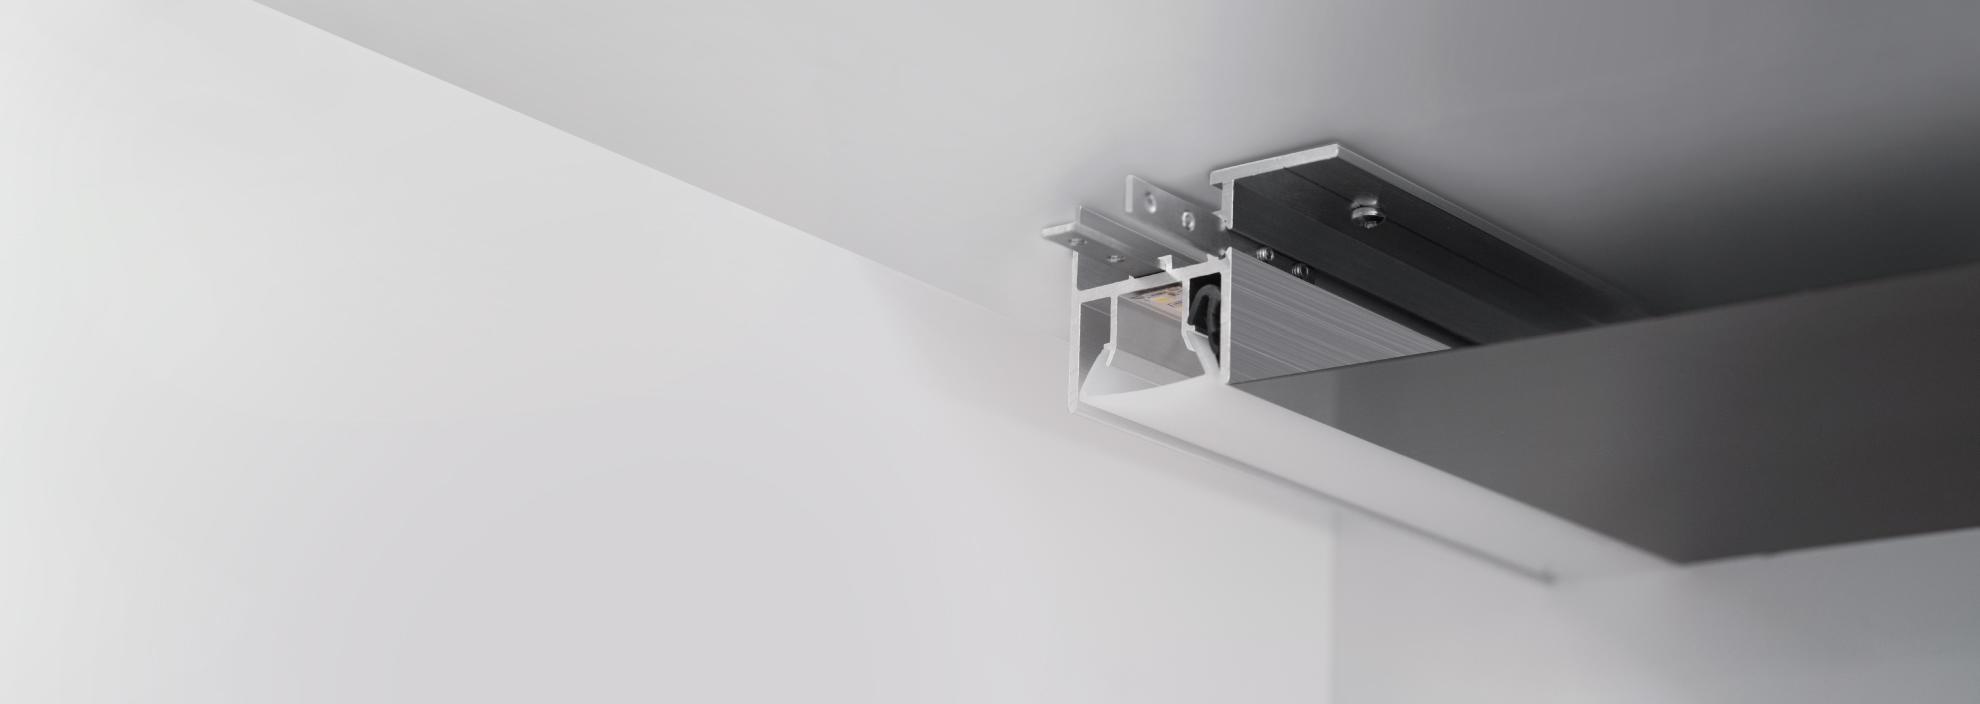 Новый профиль для создания линий света в натяжных потолках